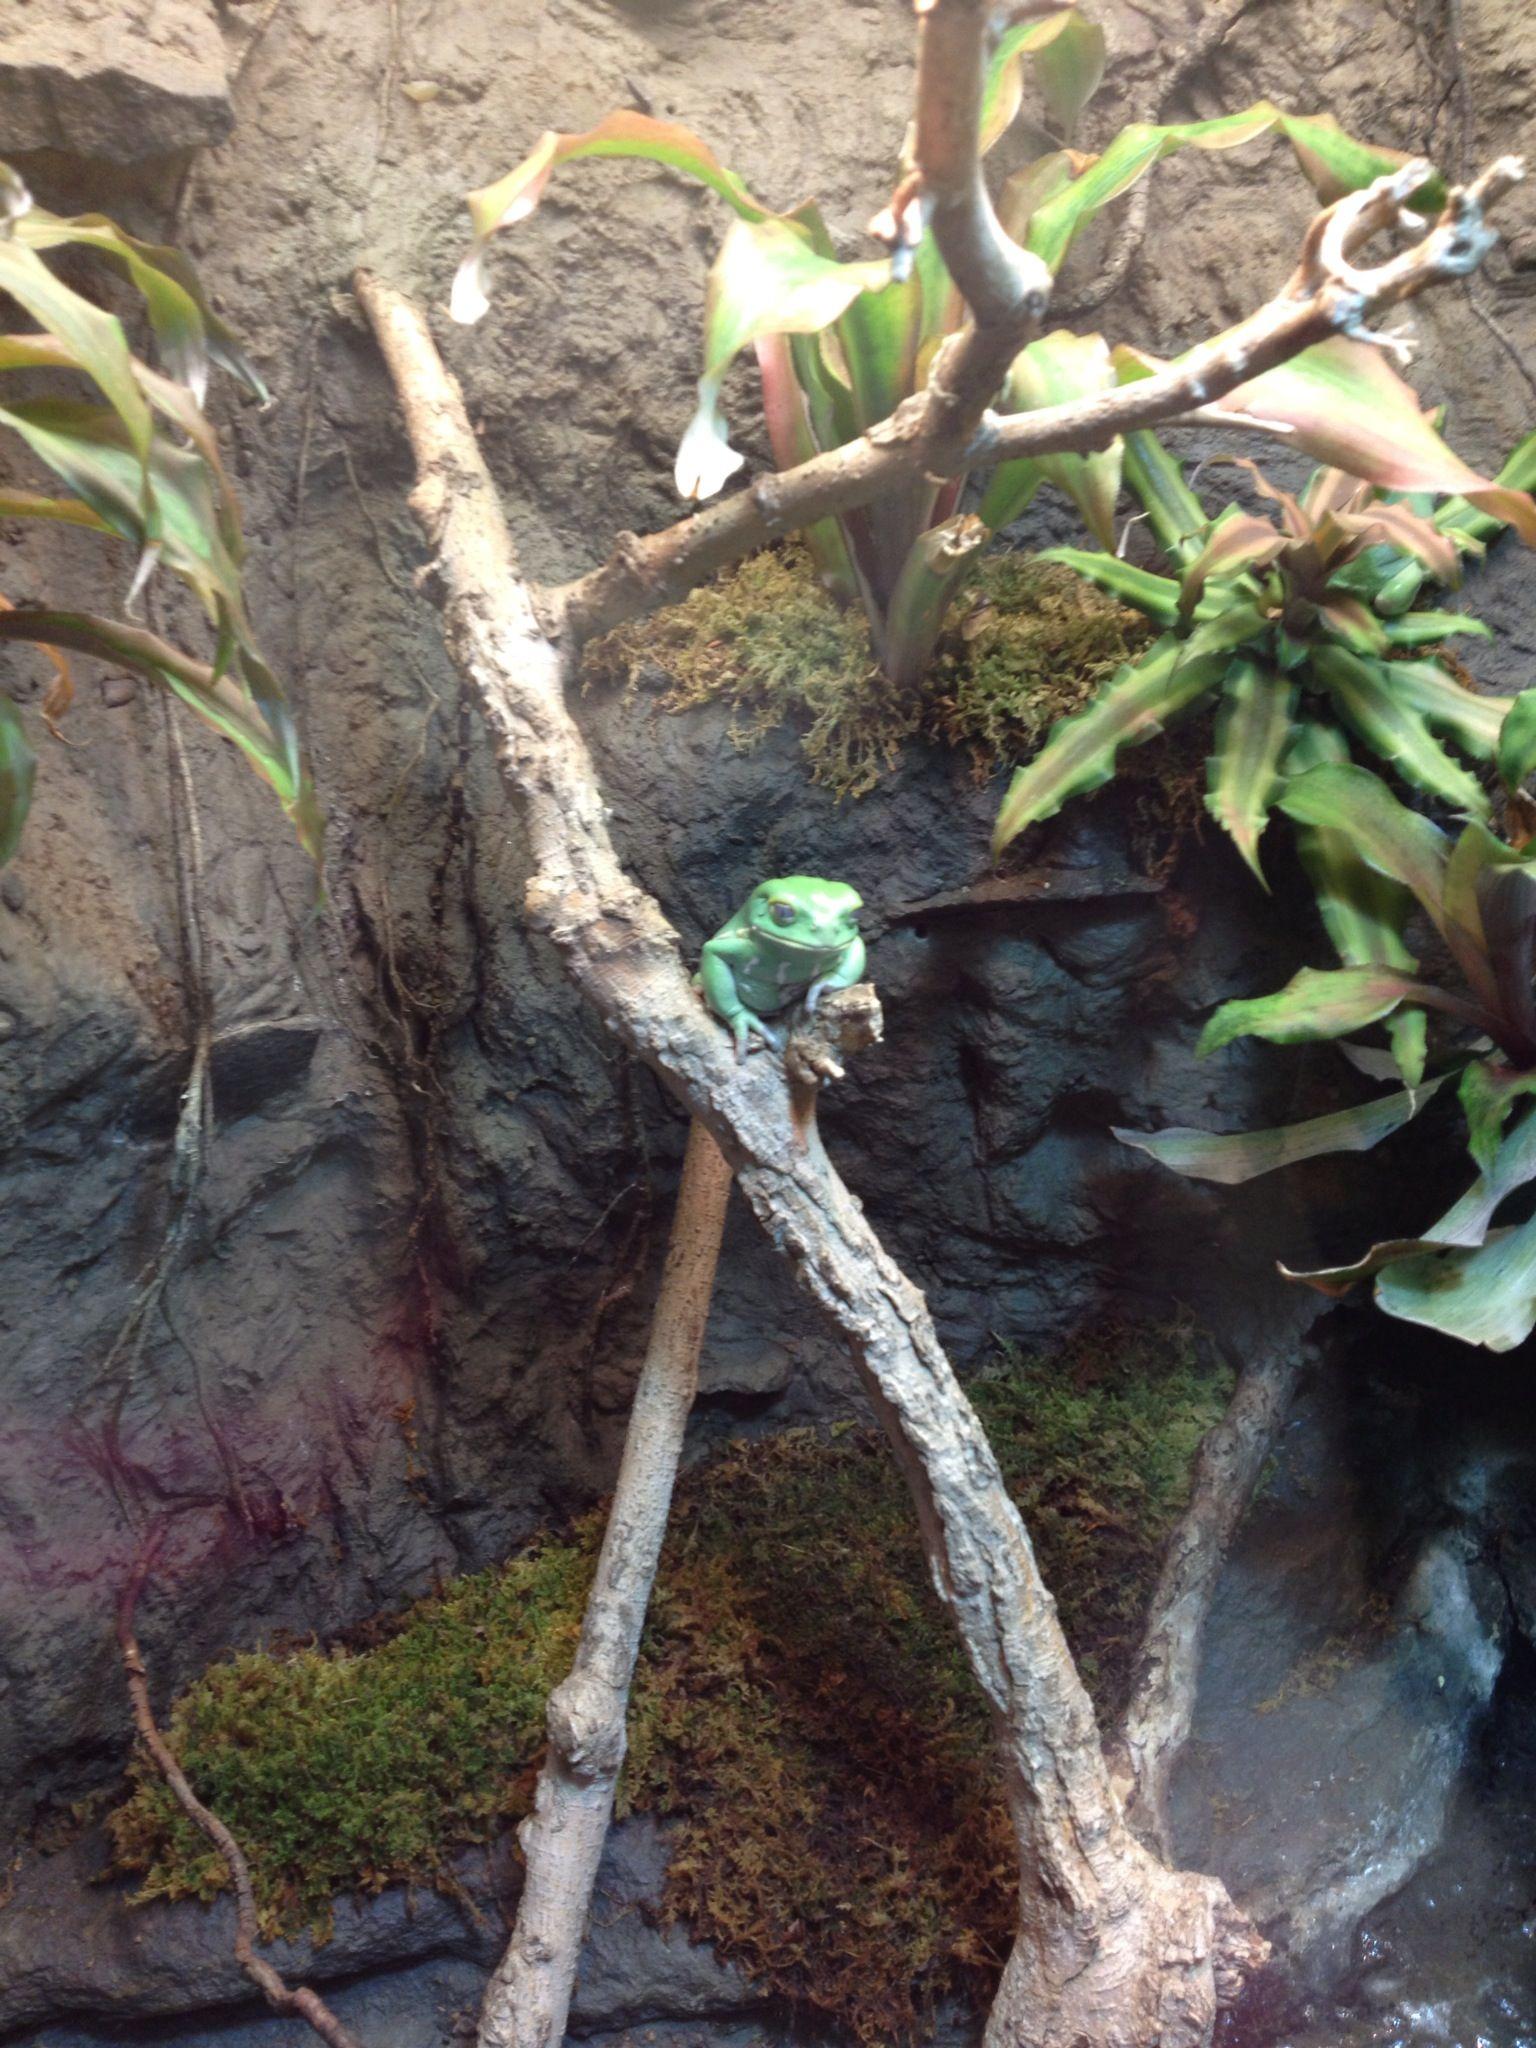 Live Frogs at the Georgia Aquarium in Atlanta